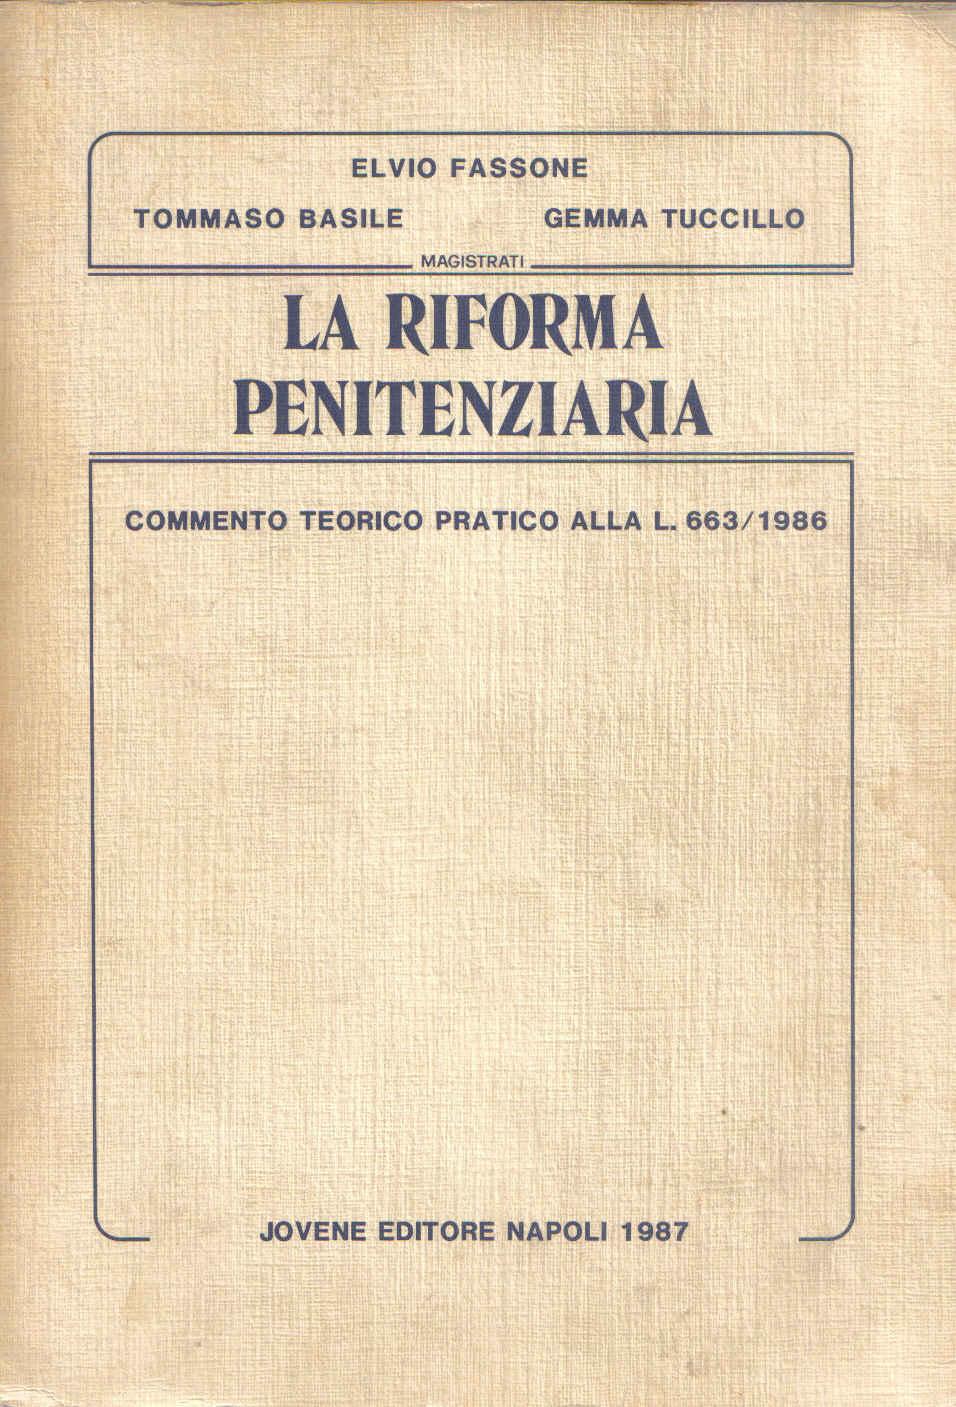 La riforma penitenziaria